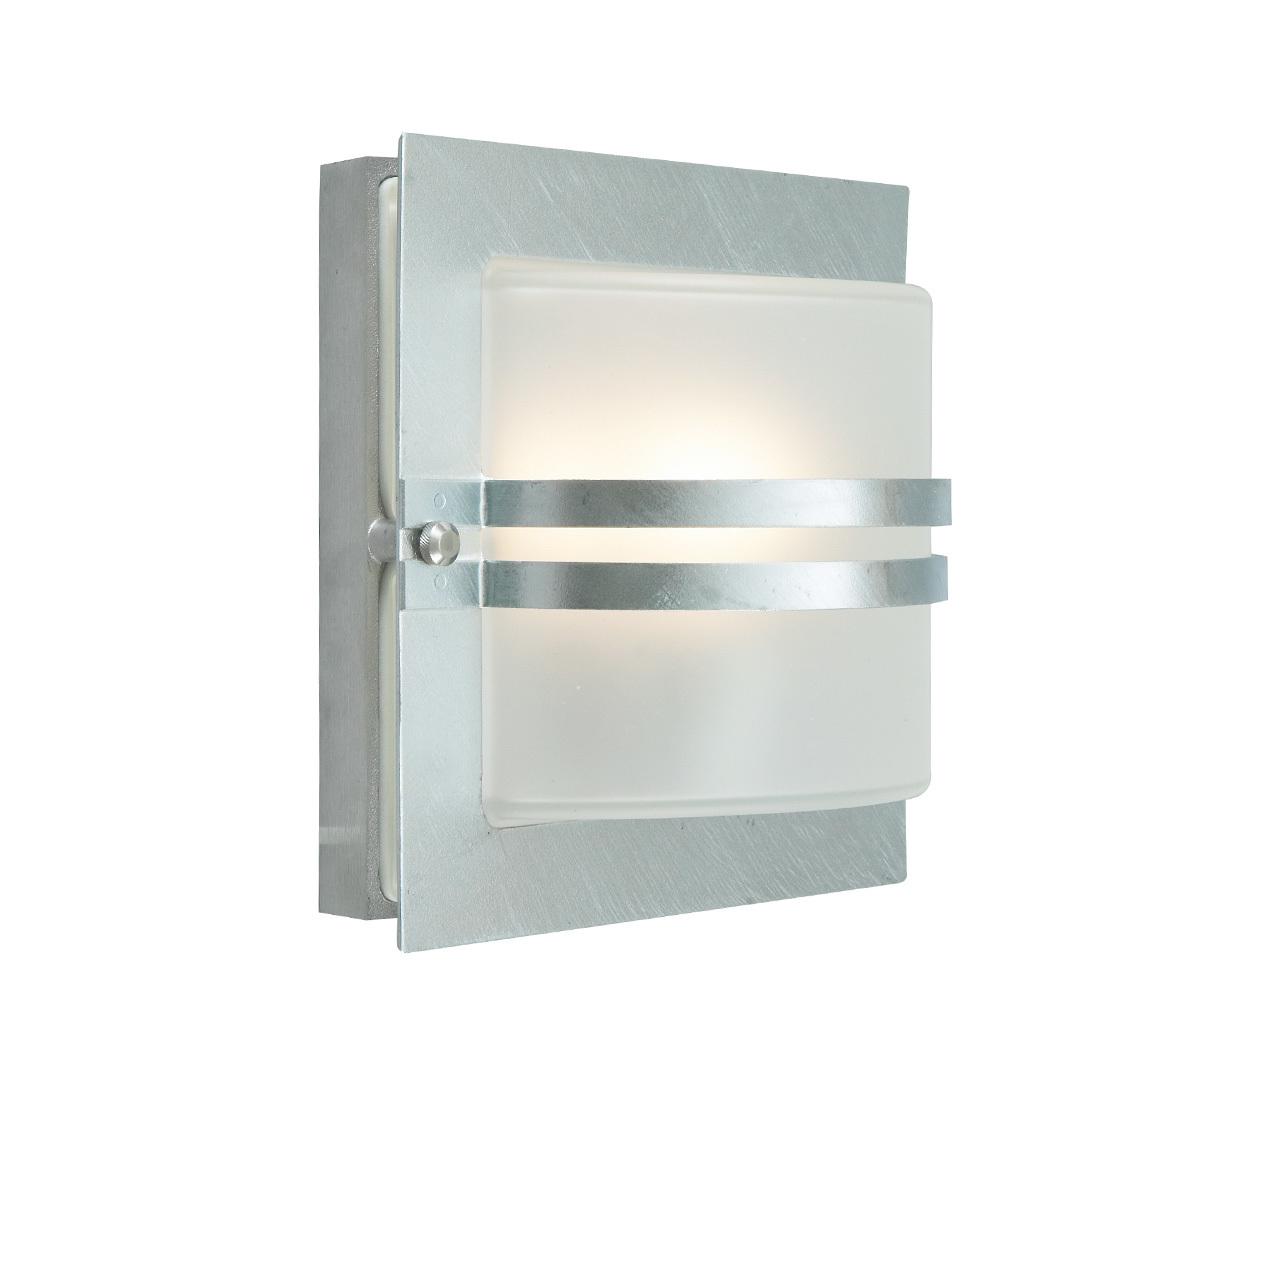 Lampa ścienna BERN LED 655GA -Norlys  SPRAWDŹ RABATY  5-10-15-20 % w koszyku